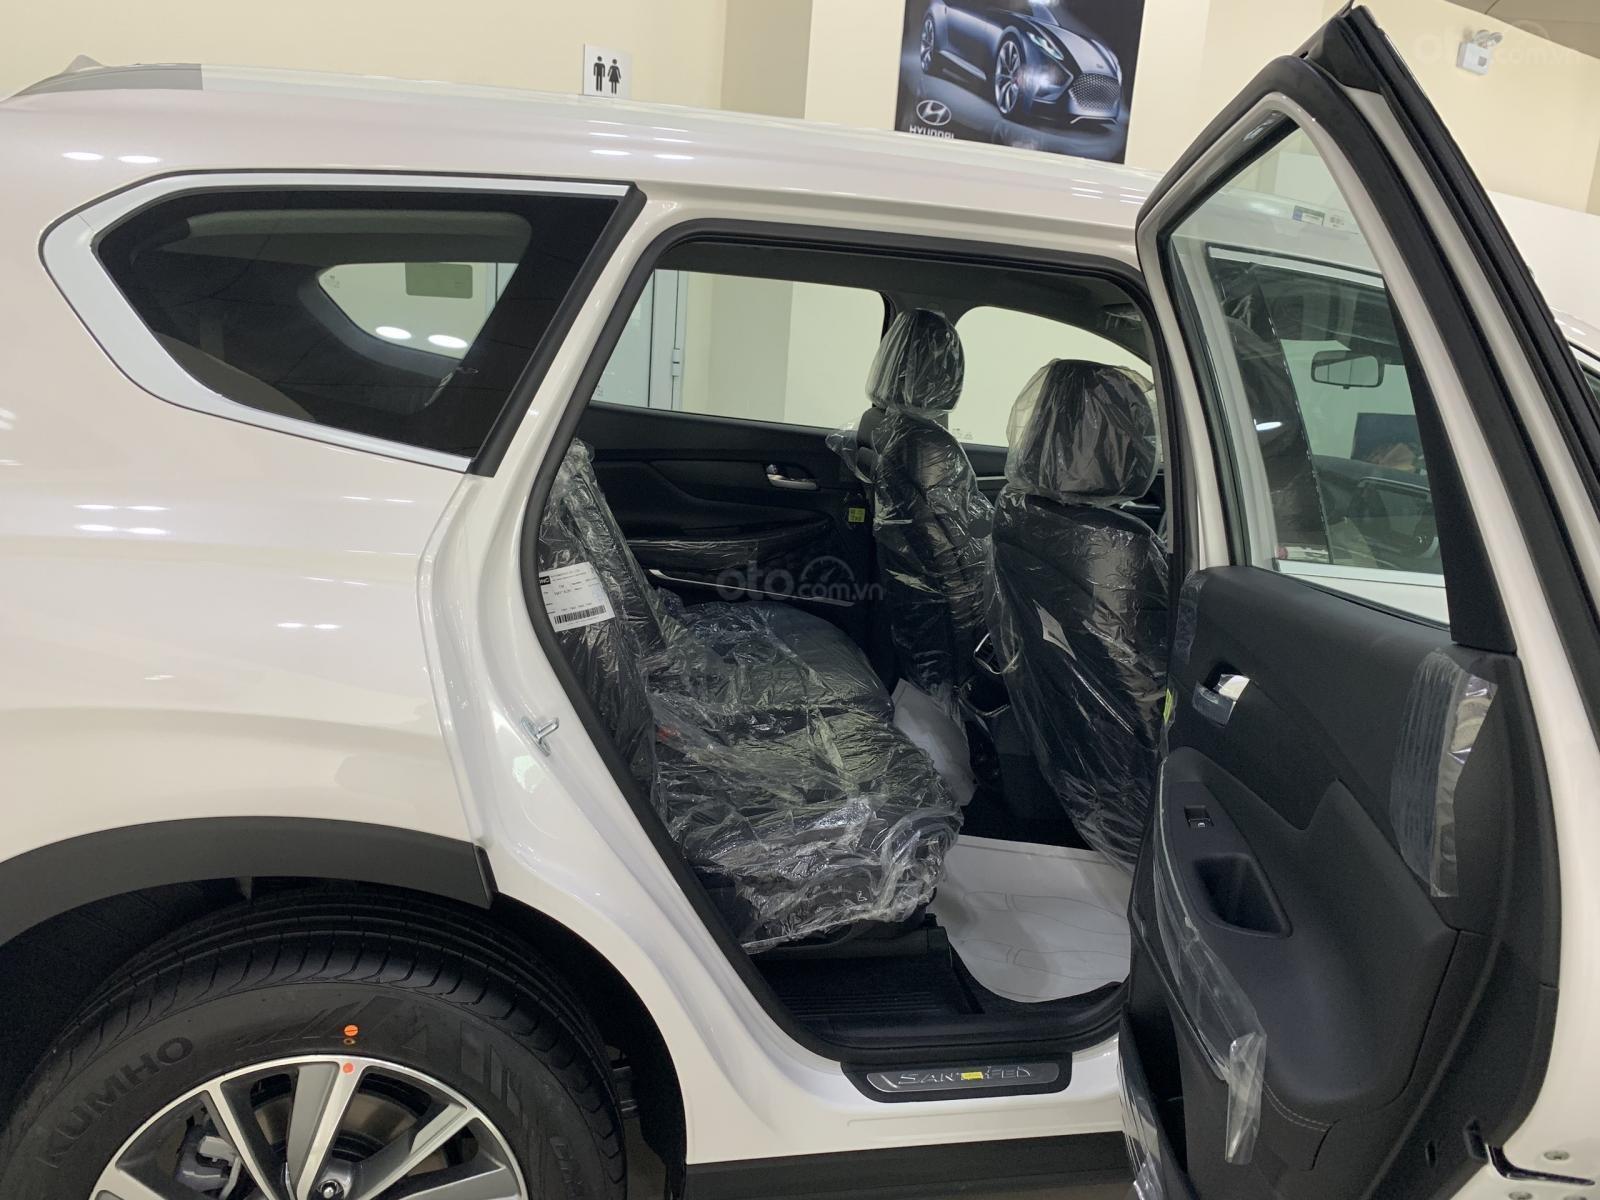 Bán xe Hyundai Santa Fe đời 2019, hỗ trợ mua trả góp lên tới 85% giá trị xe, có xe giao ngay. LH ngay 0971.58.55.33-5